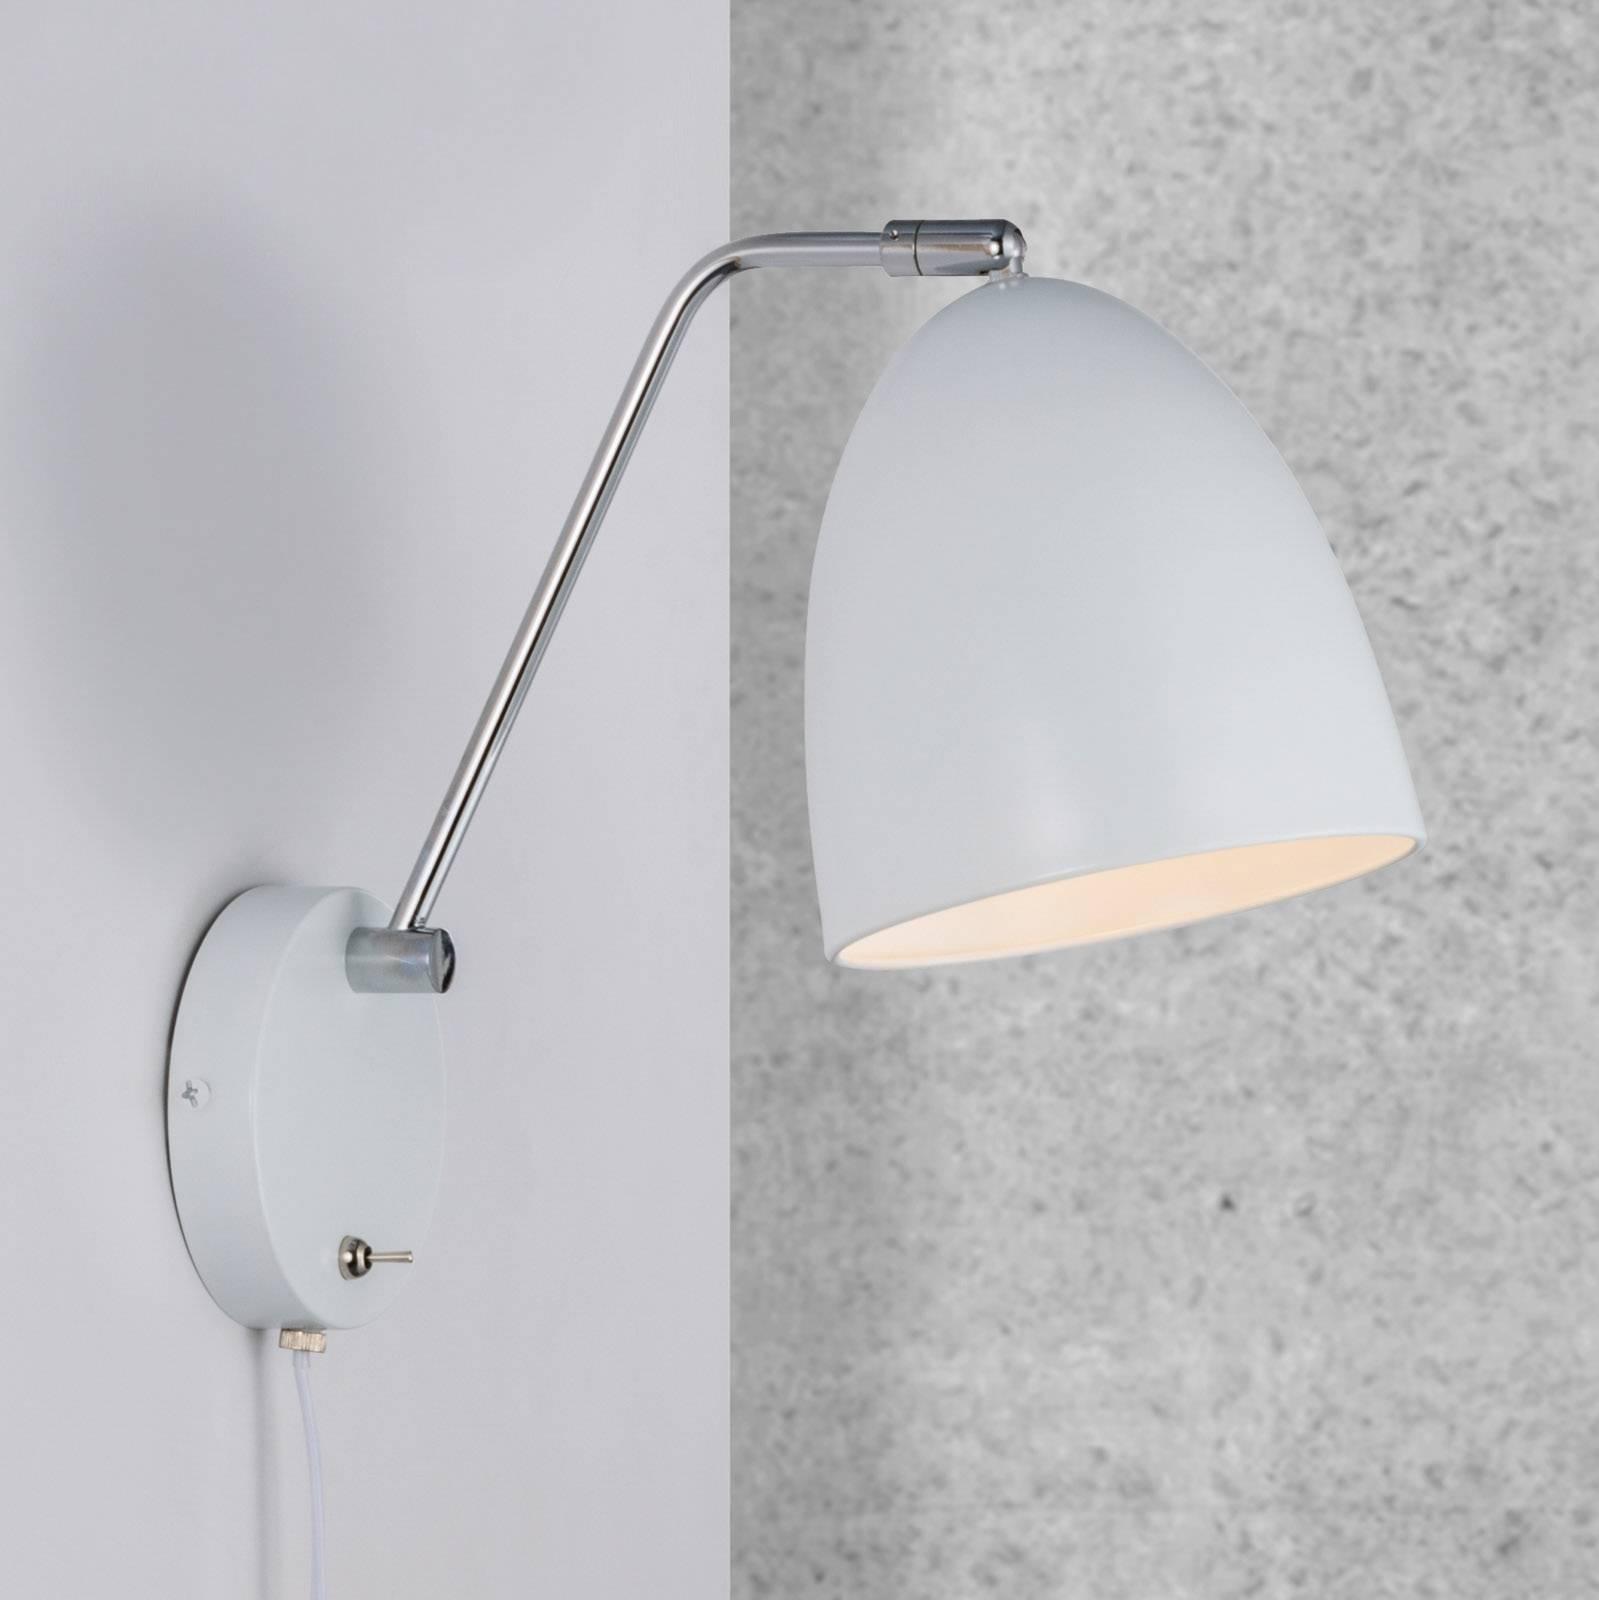 Billede af Alexander væglampe med kabel og stik, hvid